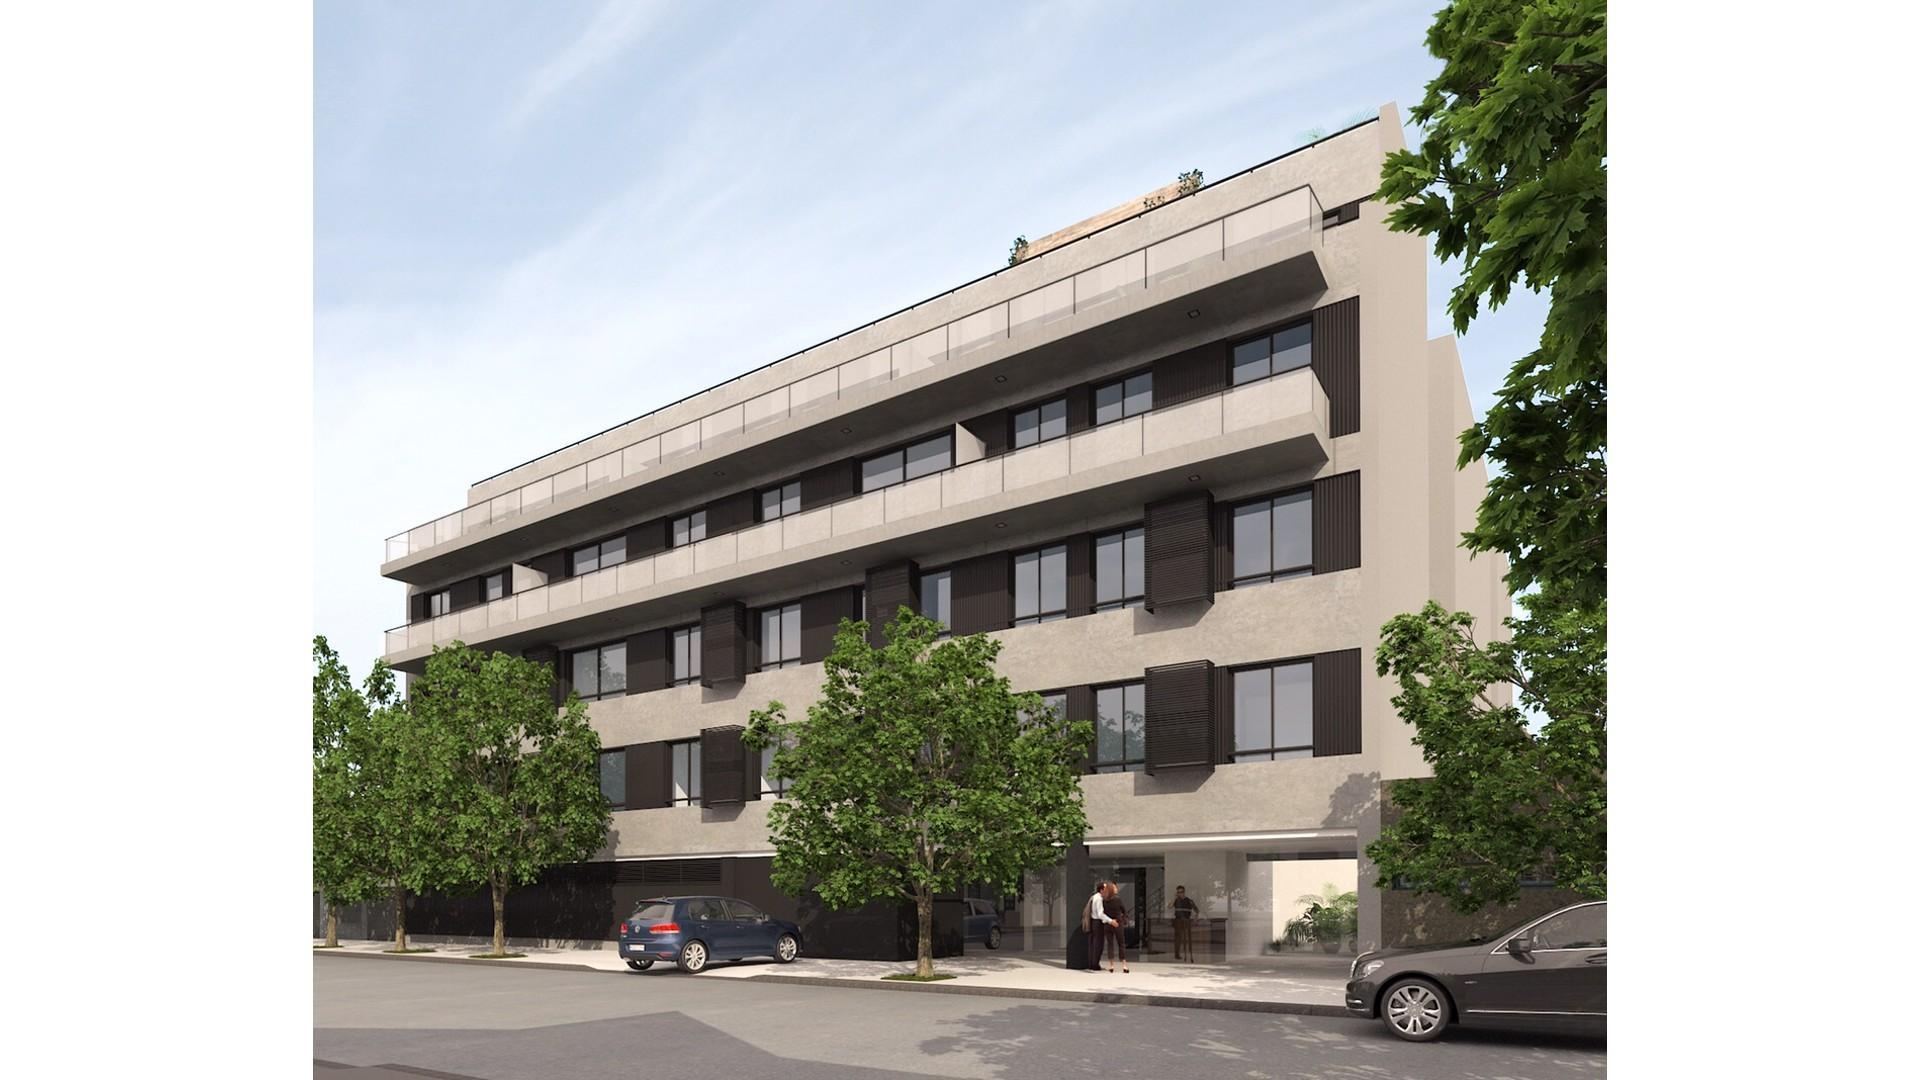 Simbron 4647 - Complejo Alta Roma - 4 ambientes en duplex con terraza